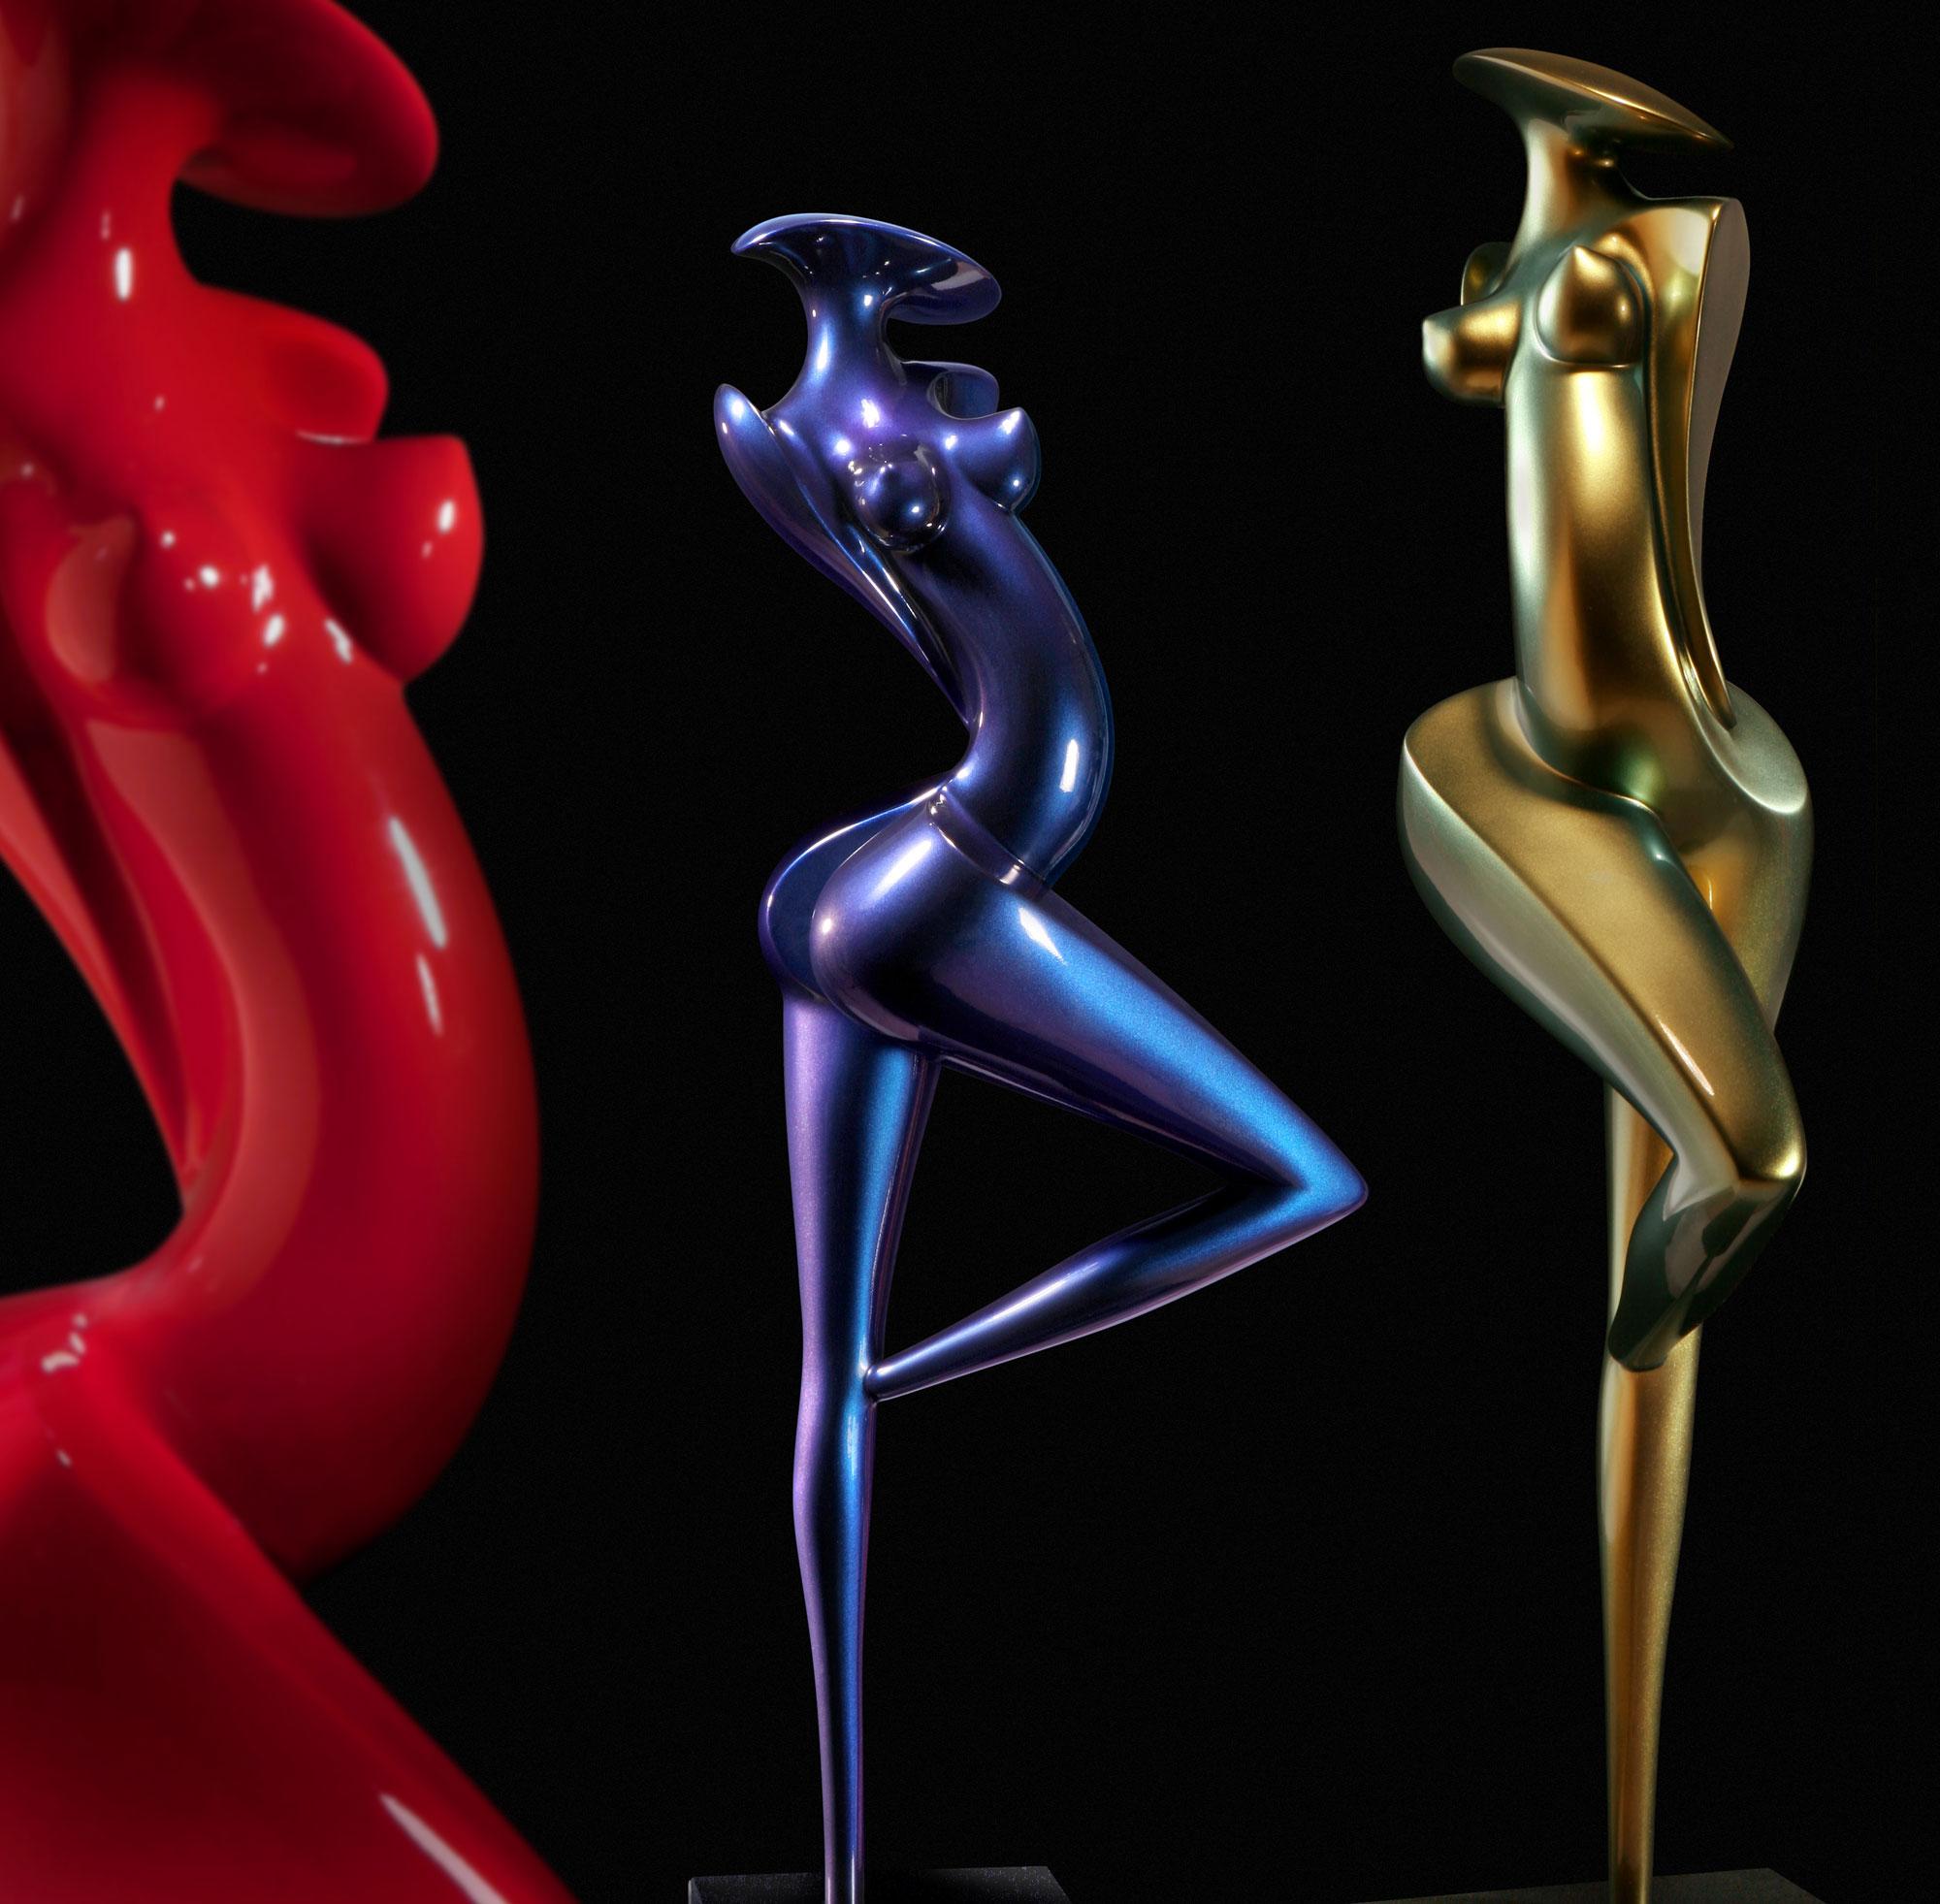 danseuses sculpture contemporaine marion b rkle marion buerkle sculptor. Black Bedroom Furniture Sets. Home Design Ideas